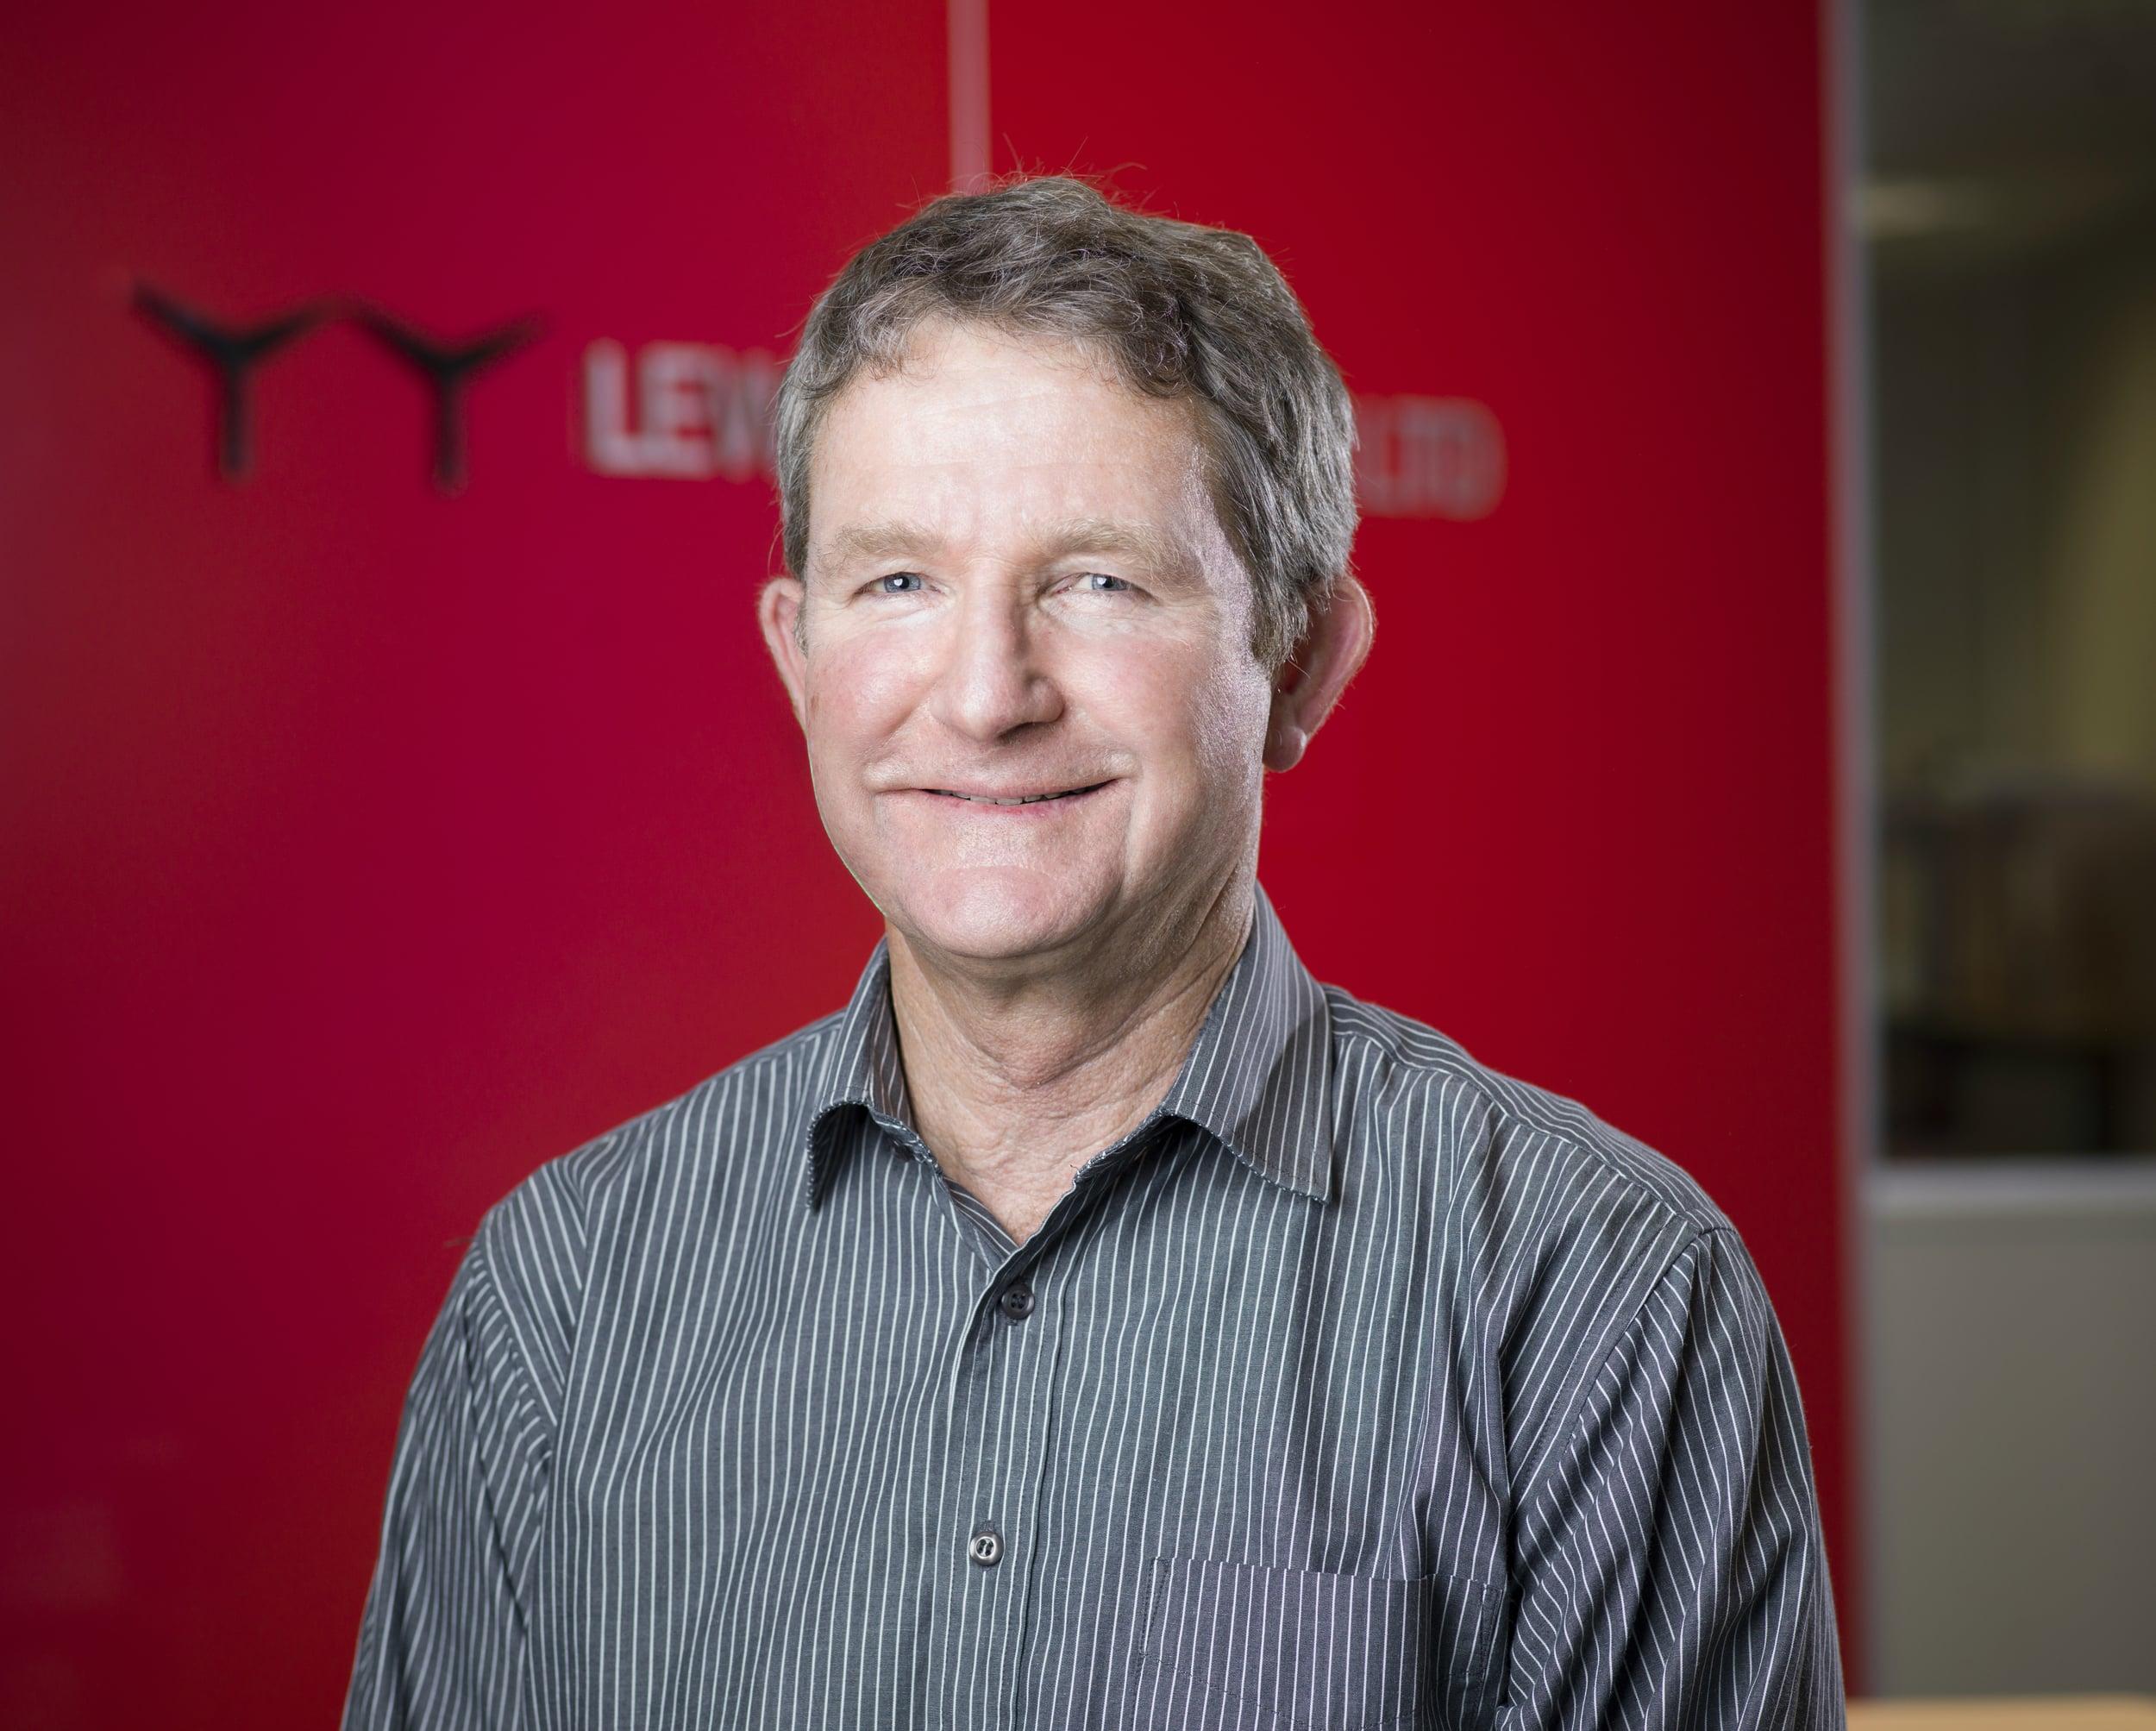 Steve Barrow - Senior Engineer